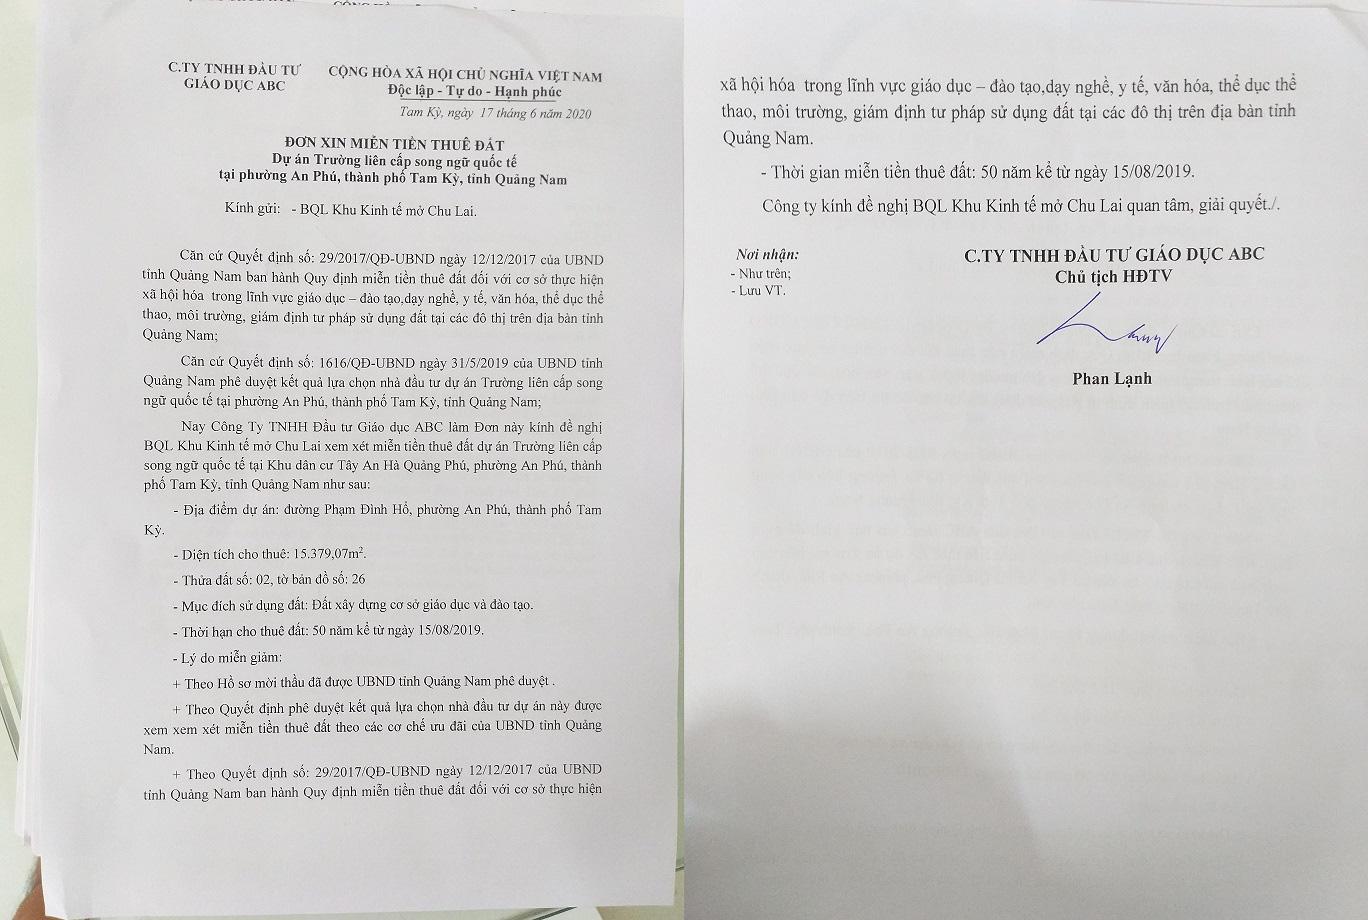 """""""Đất vàng"""" 15.000m2 ở Quảng Nam: Chủ tịch tỉnh yêu cầu tạm dừng miễn giảm để rà soát - Ảnh 2."""